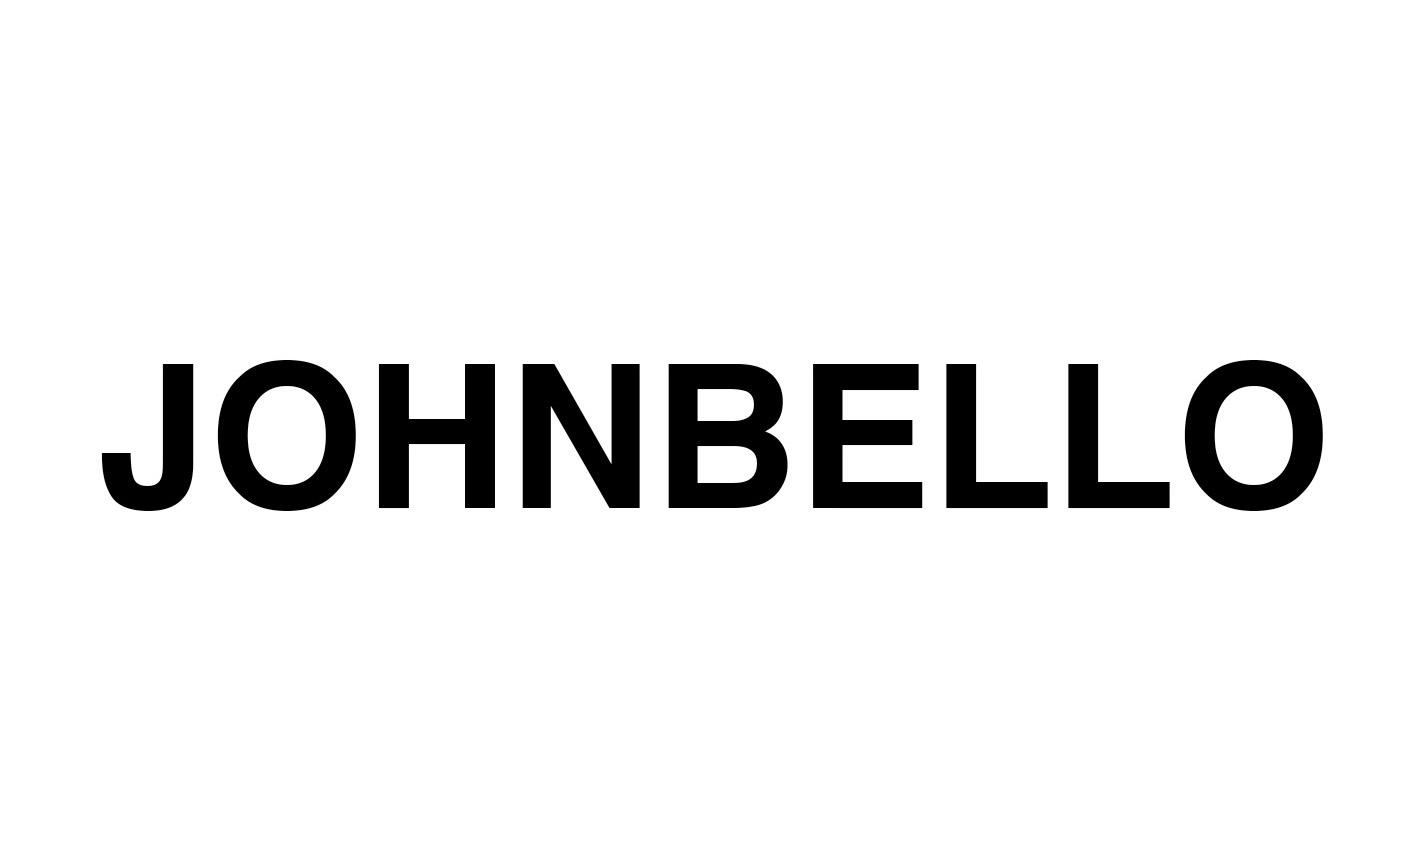 John Bello photography logo